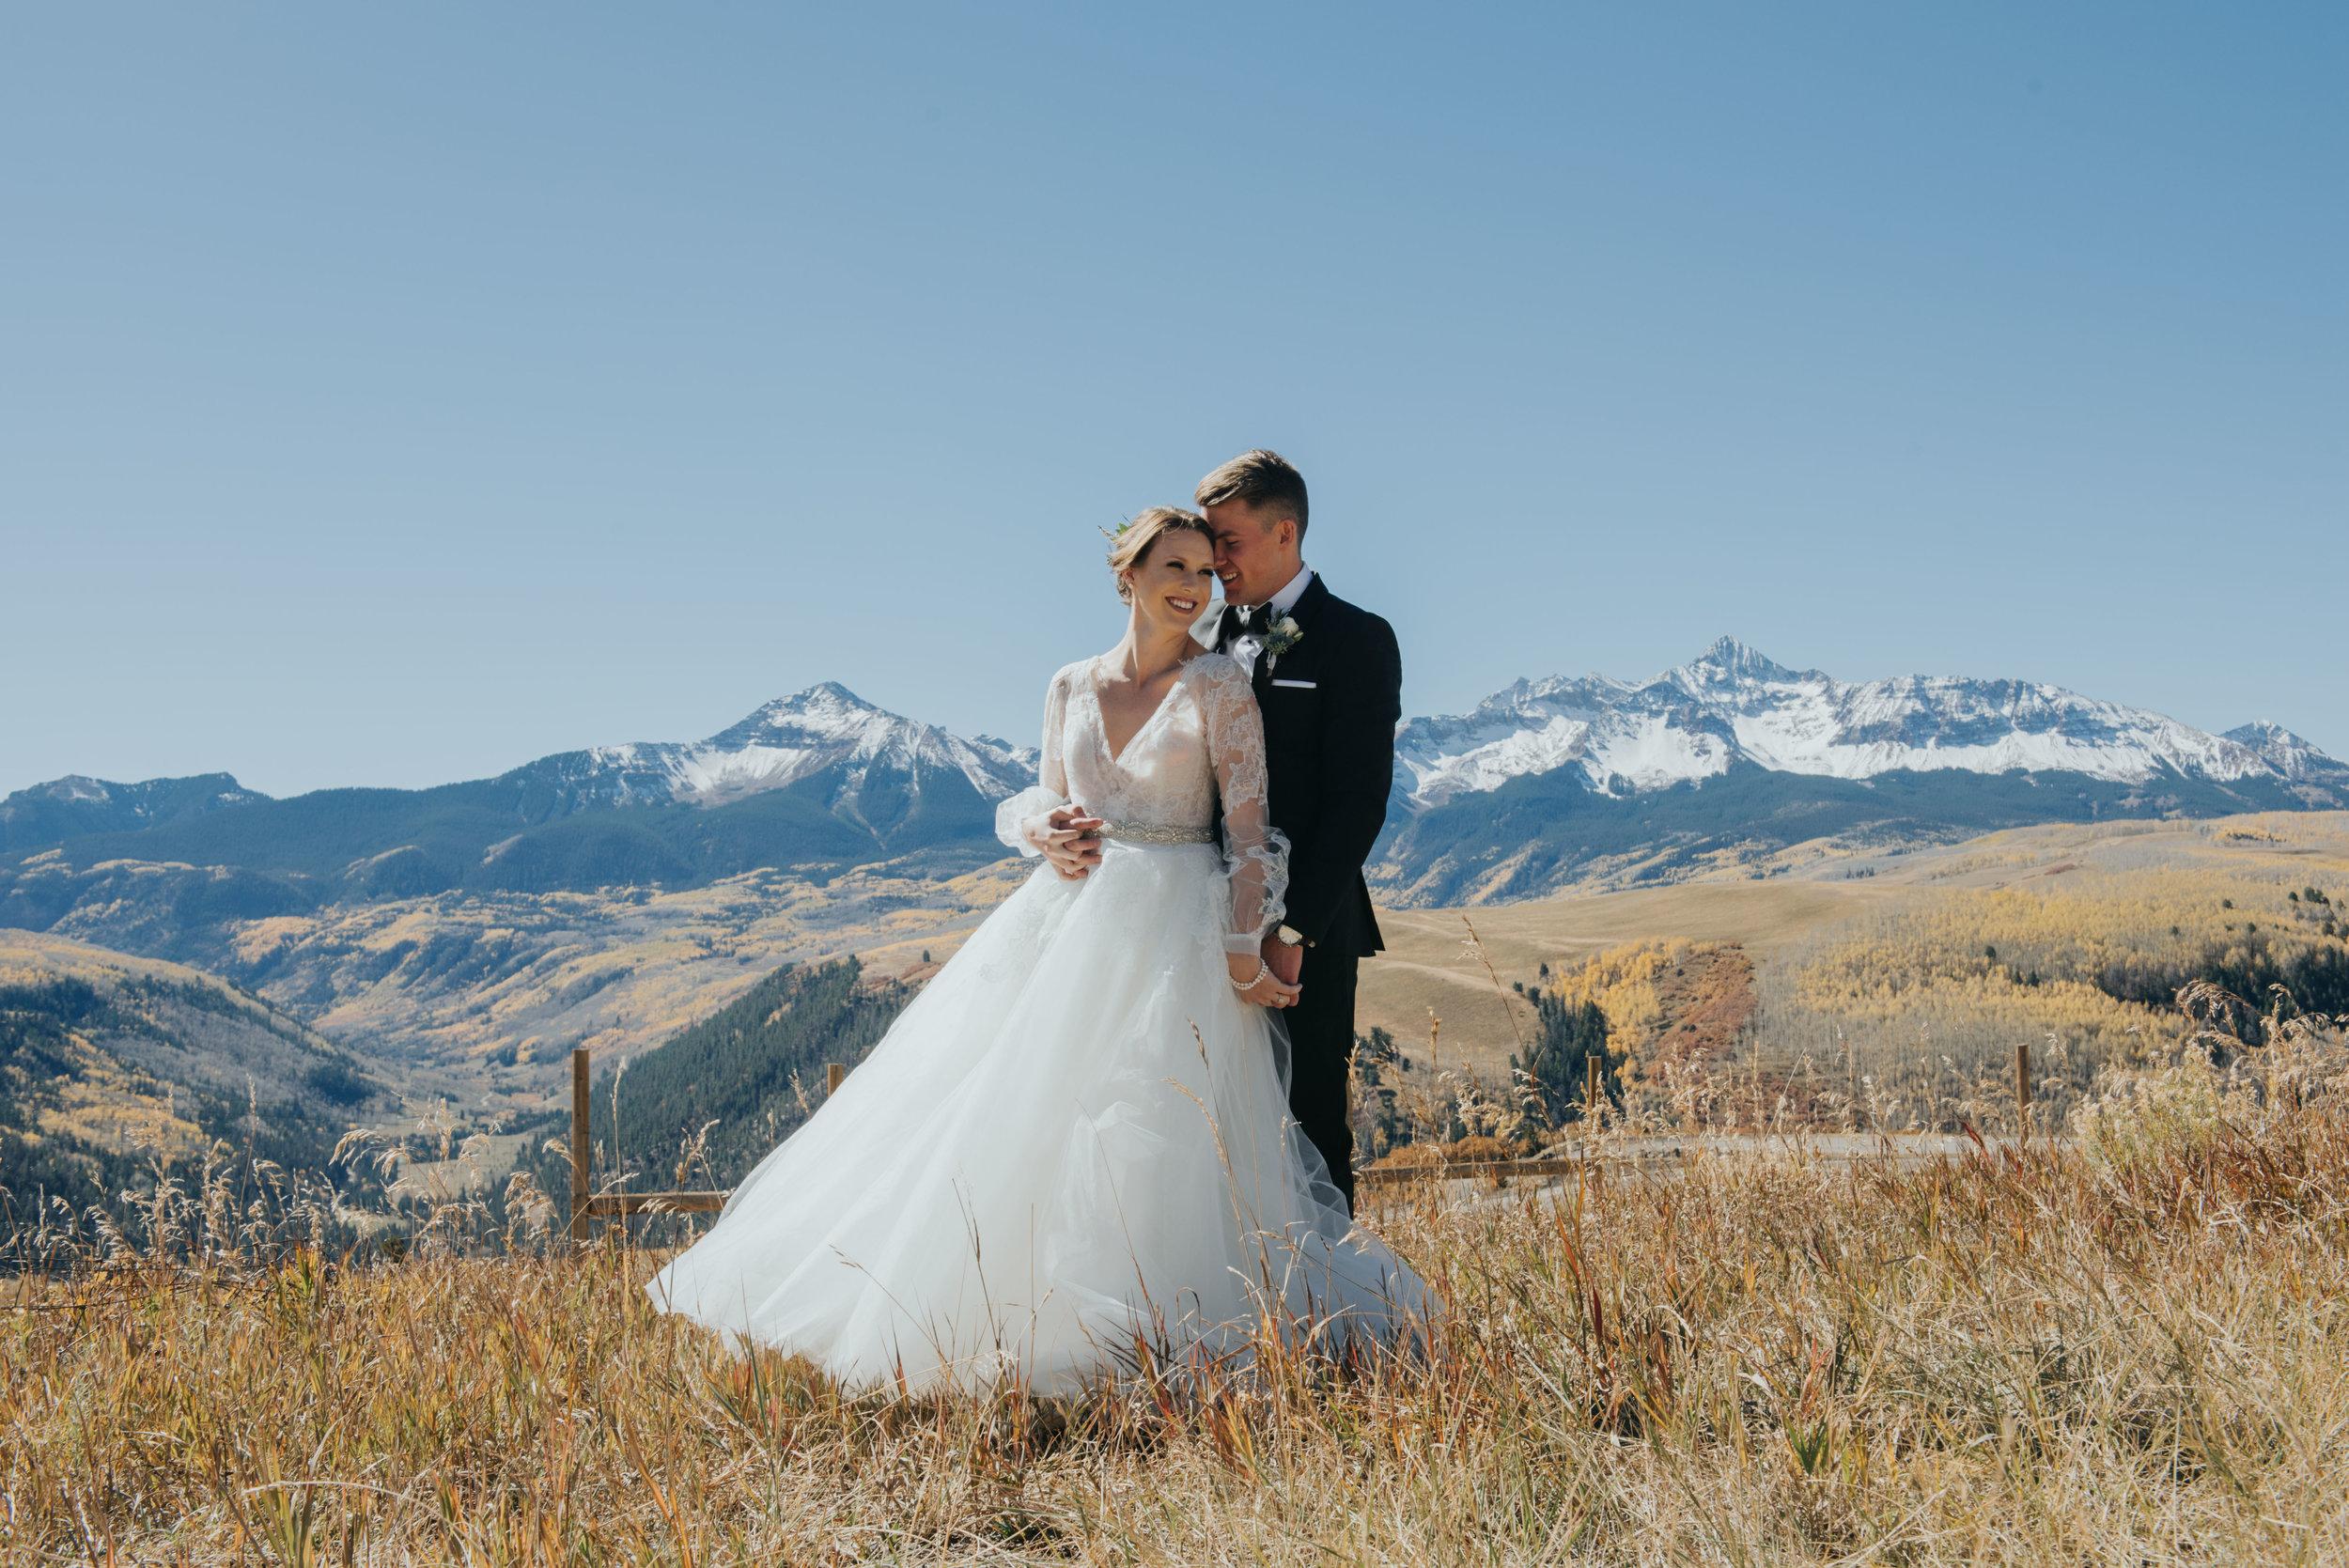 Adventurous-Wedding-Photography-Adventurous-Wedding-Photograph-Adventure-Elopement-Photographer-Adventurous-Elopement-Photograph-Adventurous-Elopement-Photographer-Adventurous-Destination-Elopement-Photographer-Destination-Elopement-Photography-Destination-Elopement-Packages-Telluride-Elopement-Telluride-Photographer-Telluride-Photography-Telluride-Destination-Wedding-Telluride-Wedding-San-Sophia-Overlook-Elopement-San-Sophia-Overlook-Wedding-San-Sophia-Overlook-Photographer-San-Sophia-Overlook-Photography-Colorado-Elopement-Colorado-Elopement-Photographer-Colorado-Elopement-Photography-Iceland-Elopement-Photographer-Iceland-Elopement-Packages-Hiking-Wedding-Hiking-Elopement-Photographer-Mountain-Wedding-Photographer-Mountain-Wedding-Photography-Colorado-Mountain-Wedding-Colorado-Mountain-Elopement-Adventure-wedding-adventure-elopement-Teresa-Woodhull-photography-Teresa-Woodhull-photographer-Intimate-wedding-photographer-Intimate-wedding-photography-elopement-photographer-traveling-wedding-photographer-traveling-elopement-photographer-Adventure-elopement-photographer-Adventure-wedding-photographer-Destination-wedding-Destination-elopement-Destination-wedding-photography-Destination-wedding-photographer-Teresa-Woodhull-Intimate-Wedding-Photography-Teresa-Woodhull-Intimate-Wedding-Photographer-Teresa-Woodhull-Elopement-Photography-Teresa-Woodhull-Elopement-Photographer-Elopement-Photography-Intimate-Elopement-Photographer-Intimate-Elopement-Photography-Elopement-Wedding-Weddings-Elope-Elopements-Intimate-Weddings-Adventure-Weddings-Adventure-Wedding-Photograph-Adventure-Wedding-Photograph